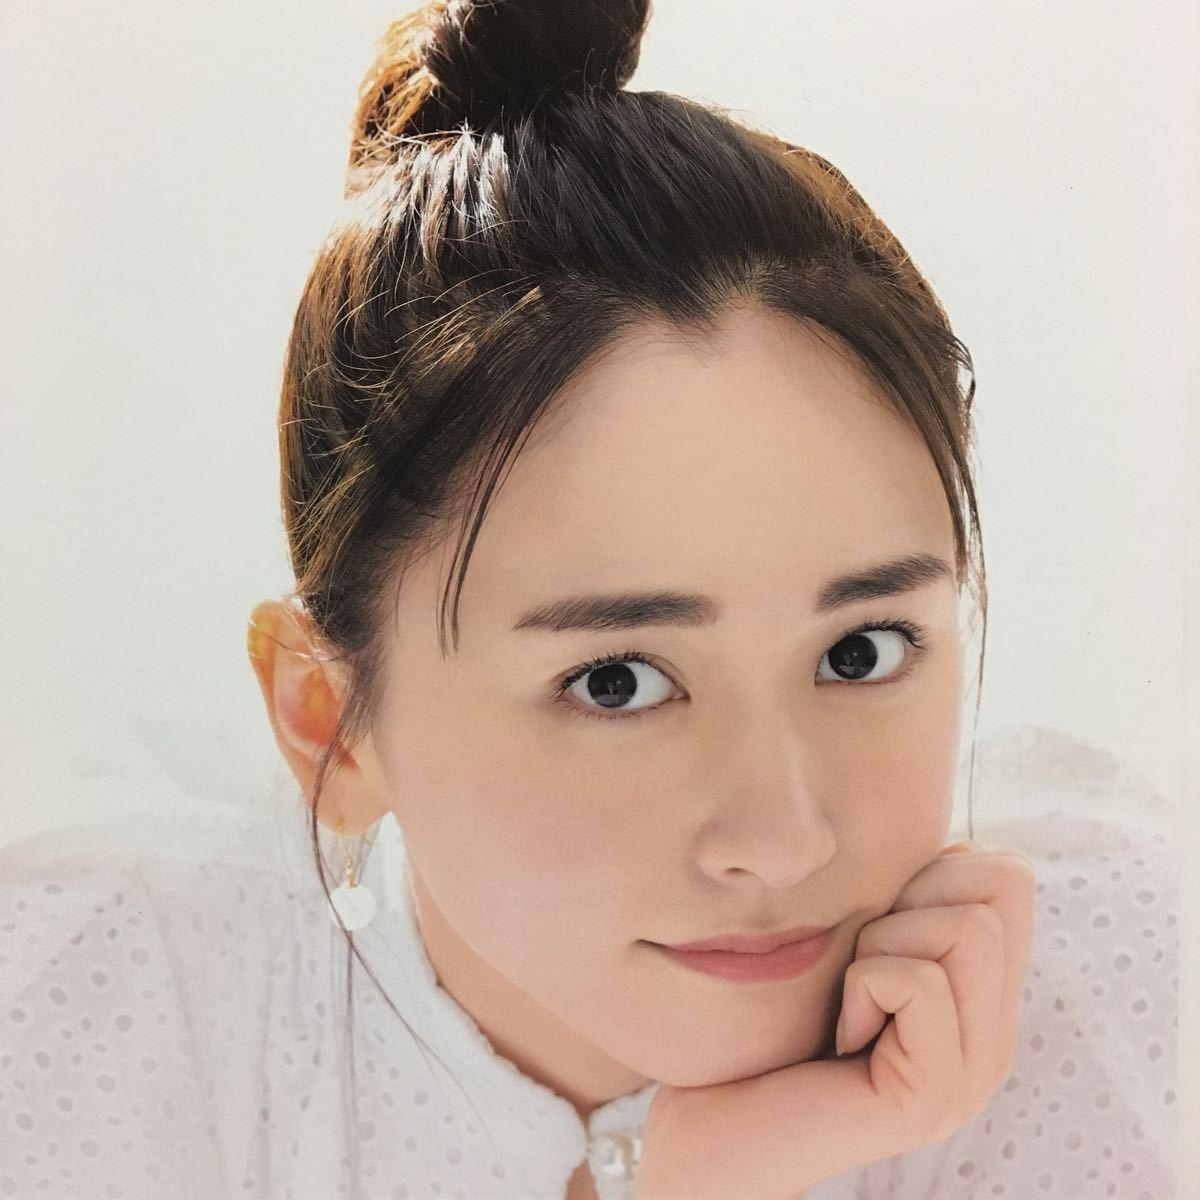 新垣結衣 Yui Aragaki 700枚 写真 画像 Picture Photo Web 写真集 Photobook Japanese Actress 髪型 ドラマ まとめ 女優